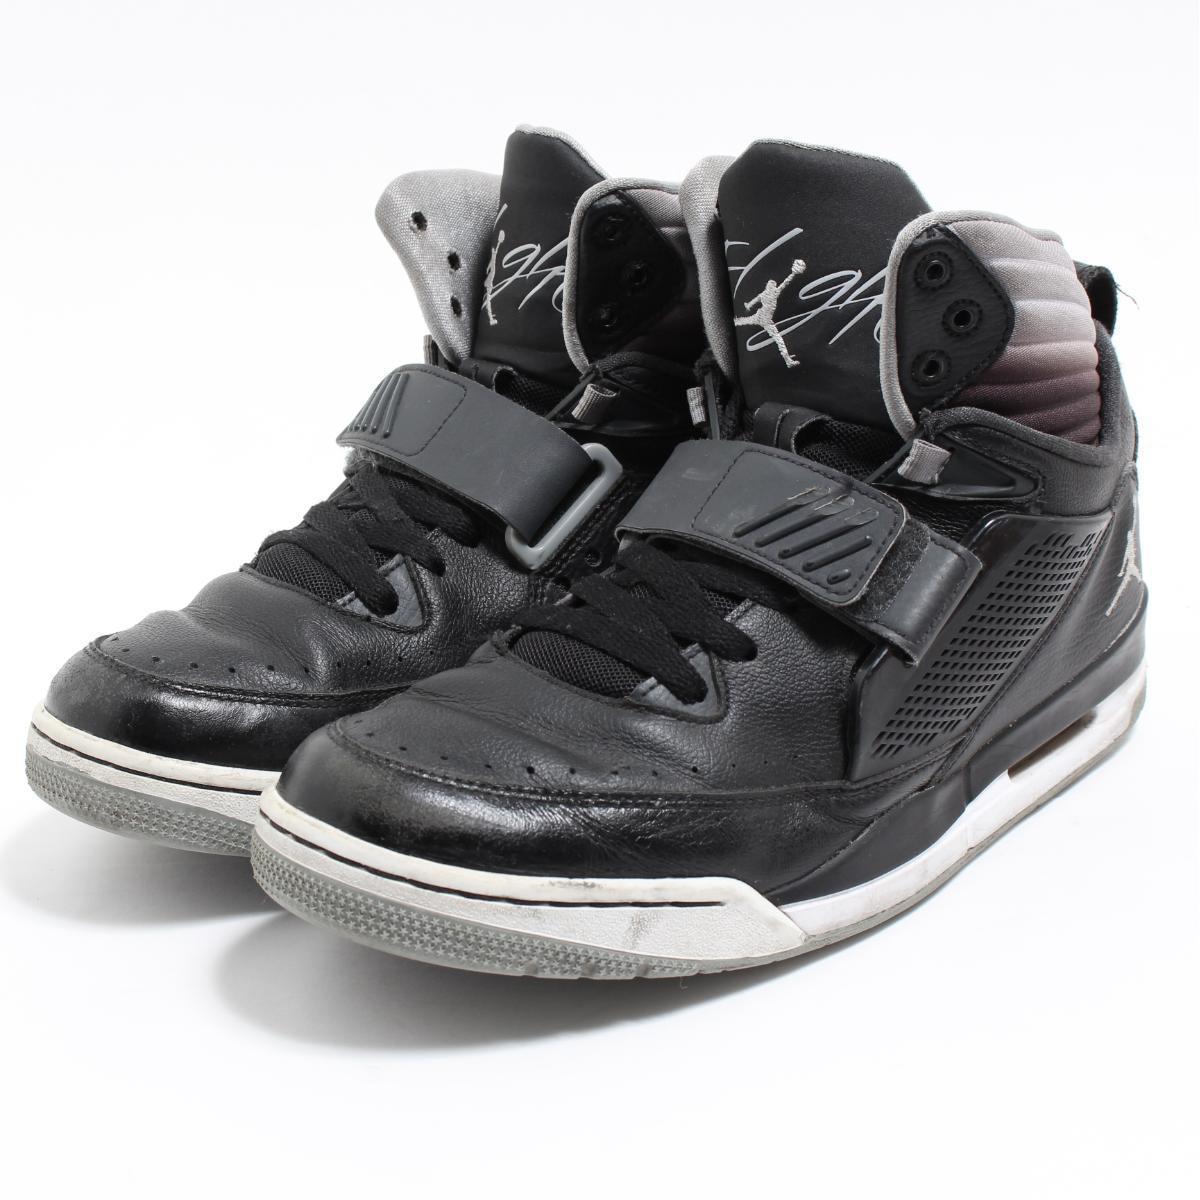 buy online b2c81 6c87a Nike NIKE AIR JORDAN FLIGHT 97 sneakers US9 .5 men s 27.5cm  boo4840